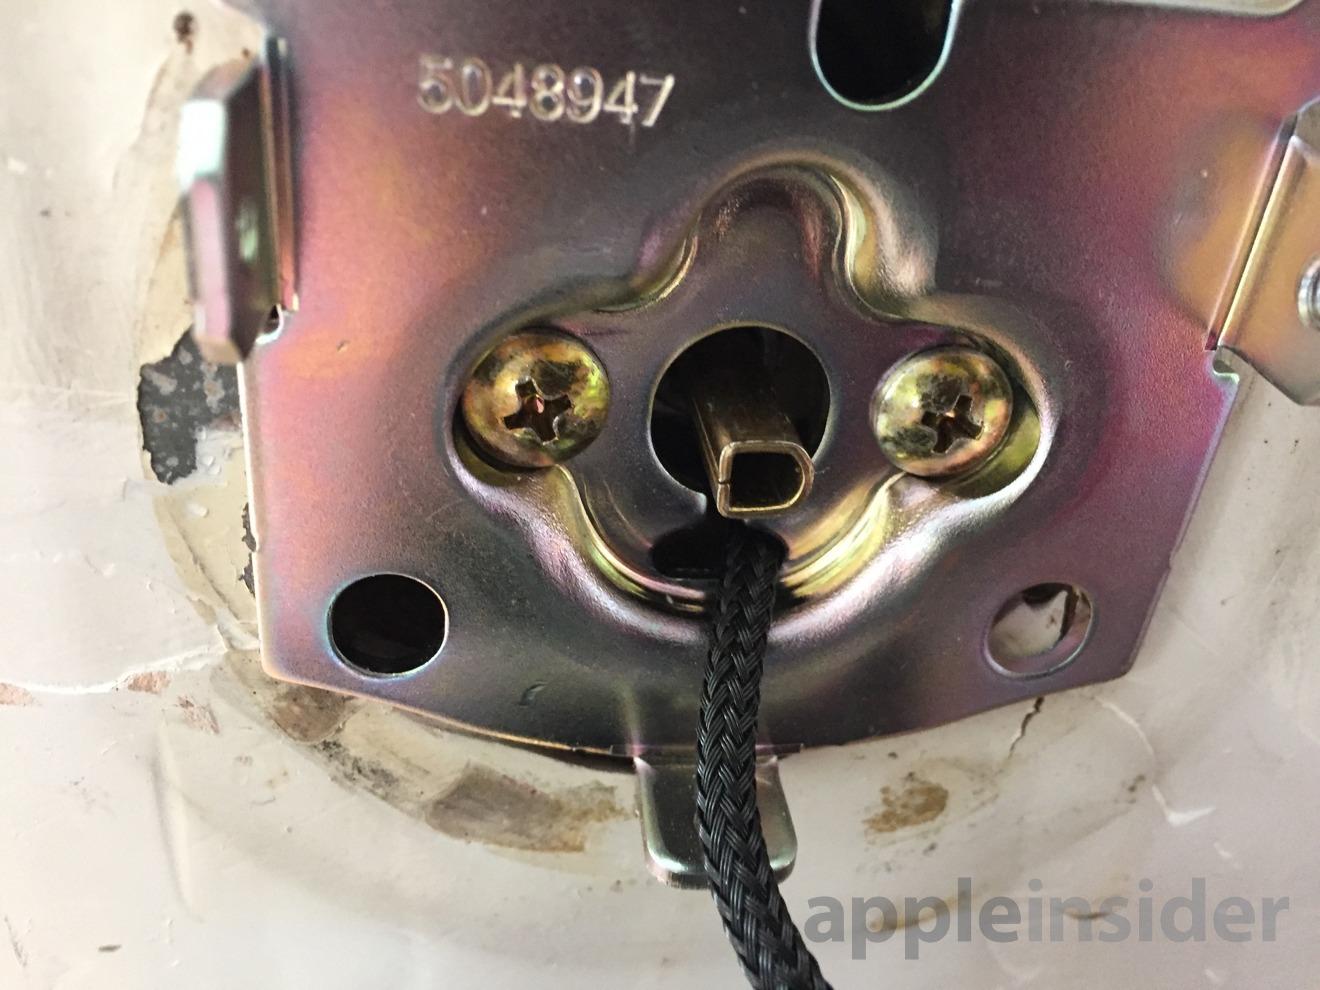 Este es el cilindro que mueve el cerrojo, viniendo de afuera hacia adentro. La palanca de giro se acopla a esto.